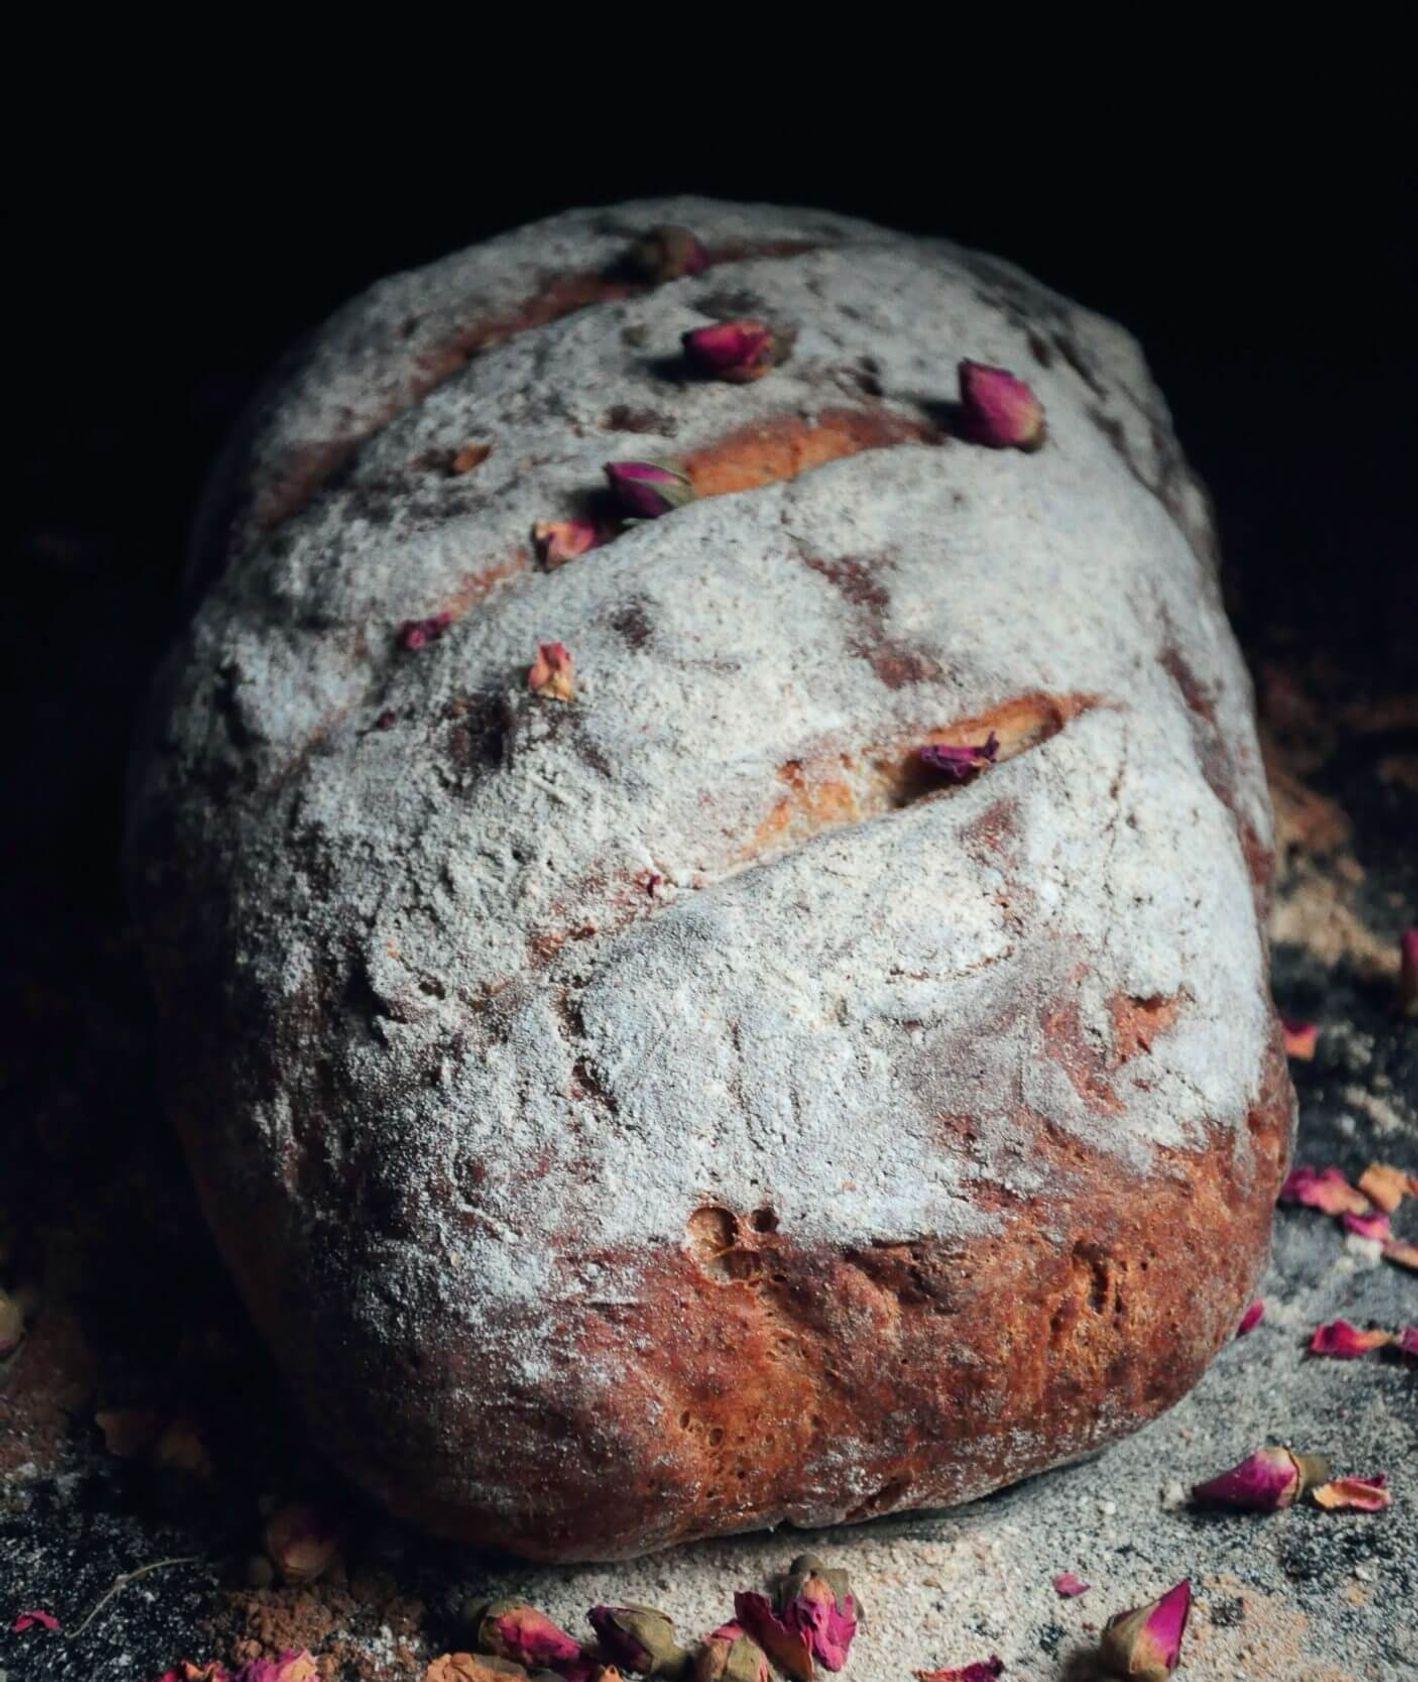 Chleb różany z płatkami kwiatów posypany mąką z chrupiącą skórką (fot. materiały prasowe)